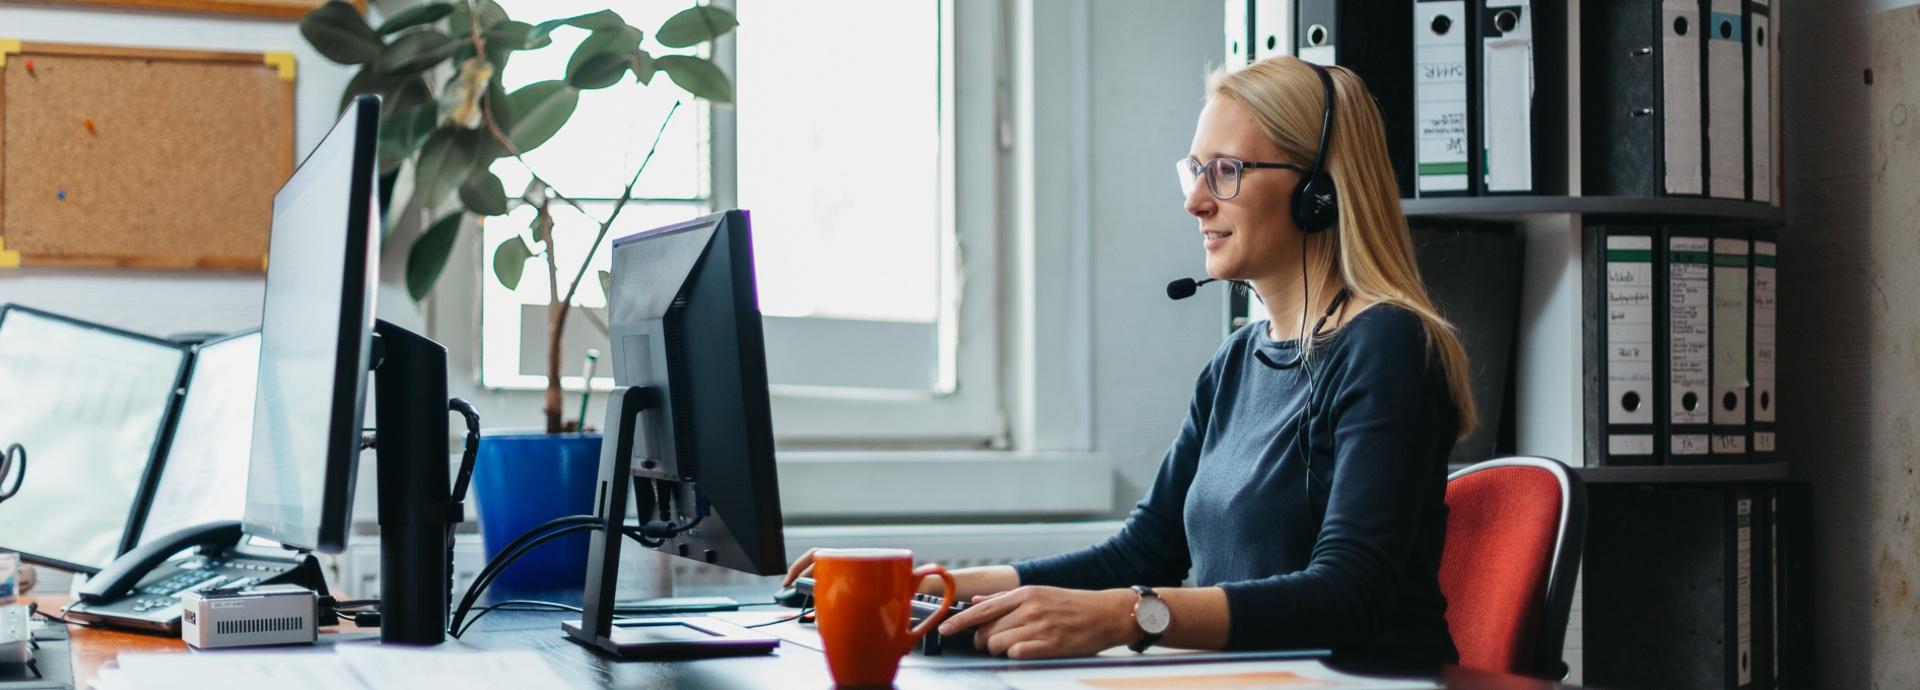 Interpreting Agency Vienna    Interpreting Services Vienna